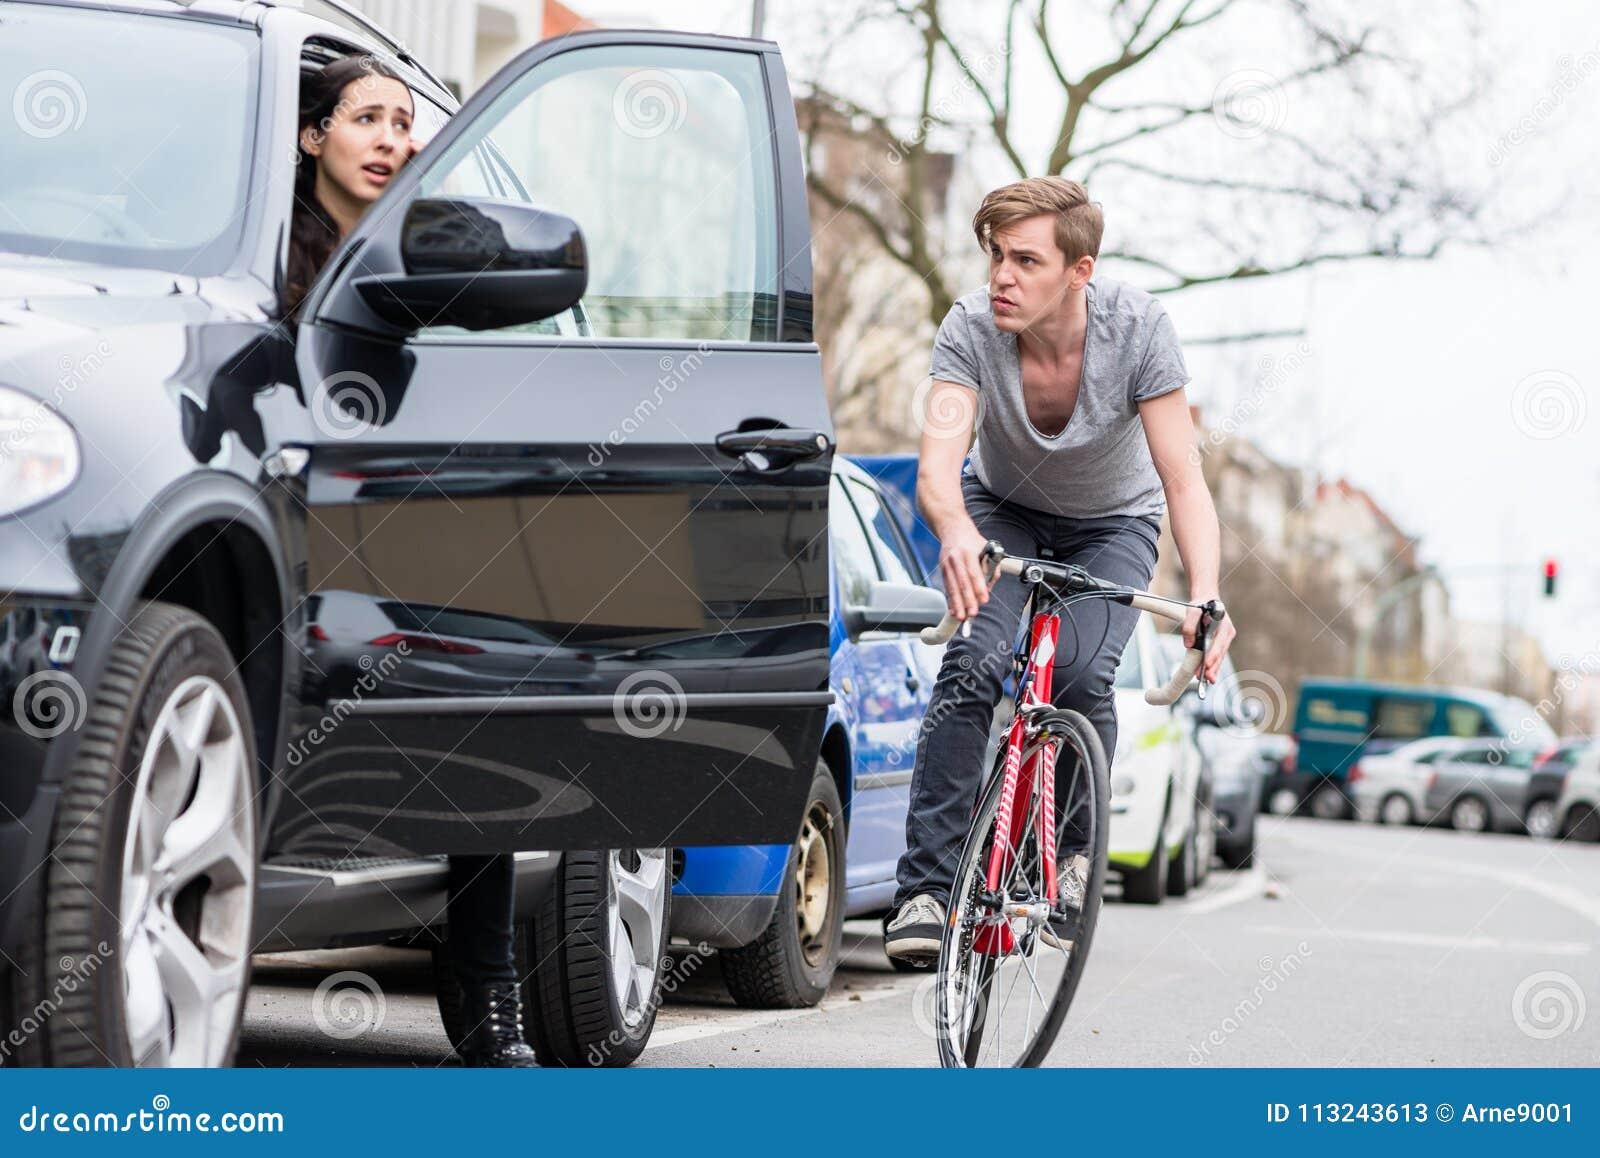 Νέο bicyclist που φωνάζει παρεκκλίνοντας για την αποφυγή της επικίνδυνης σύγκρουσης